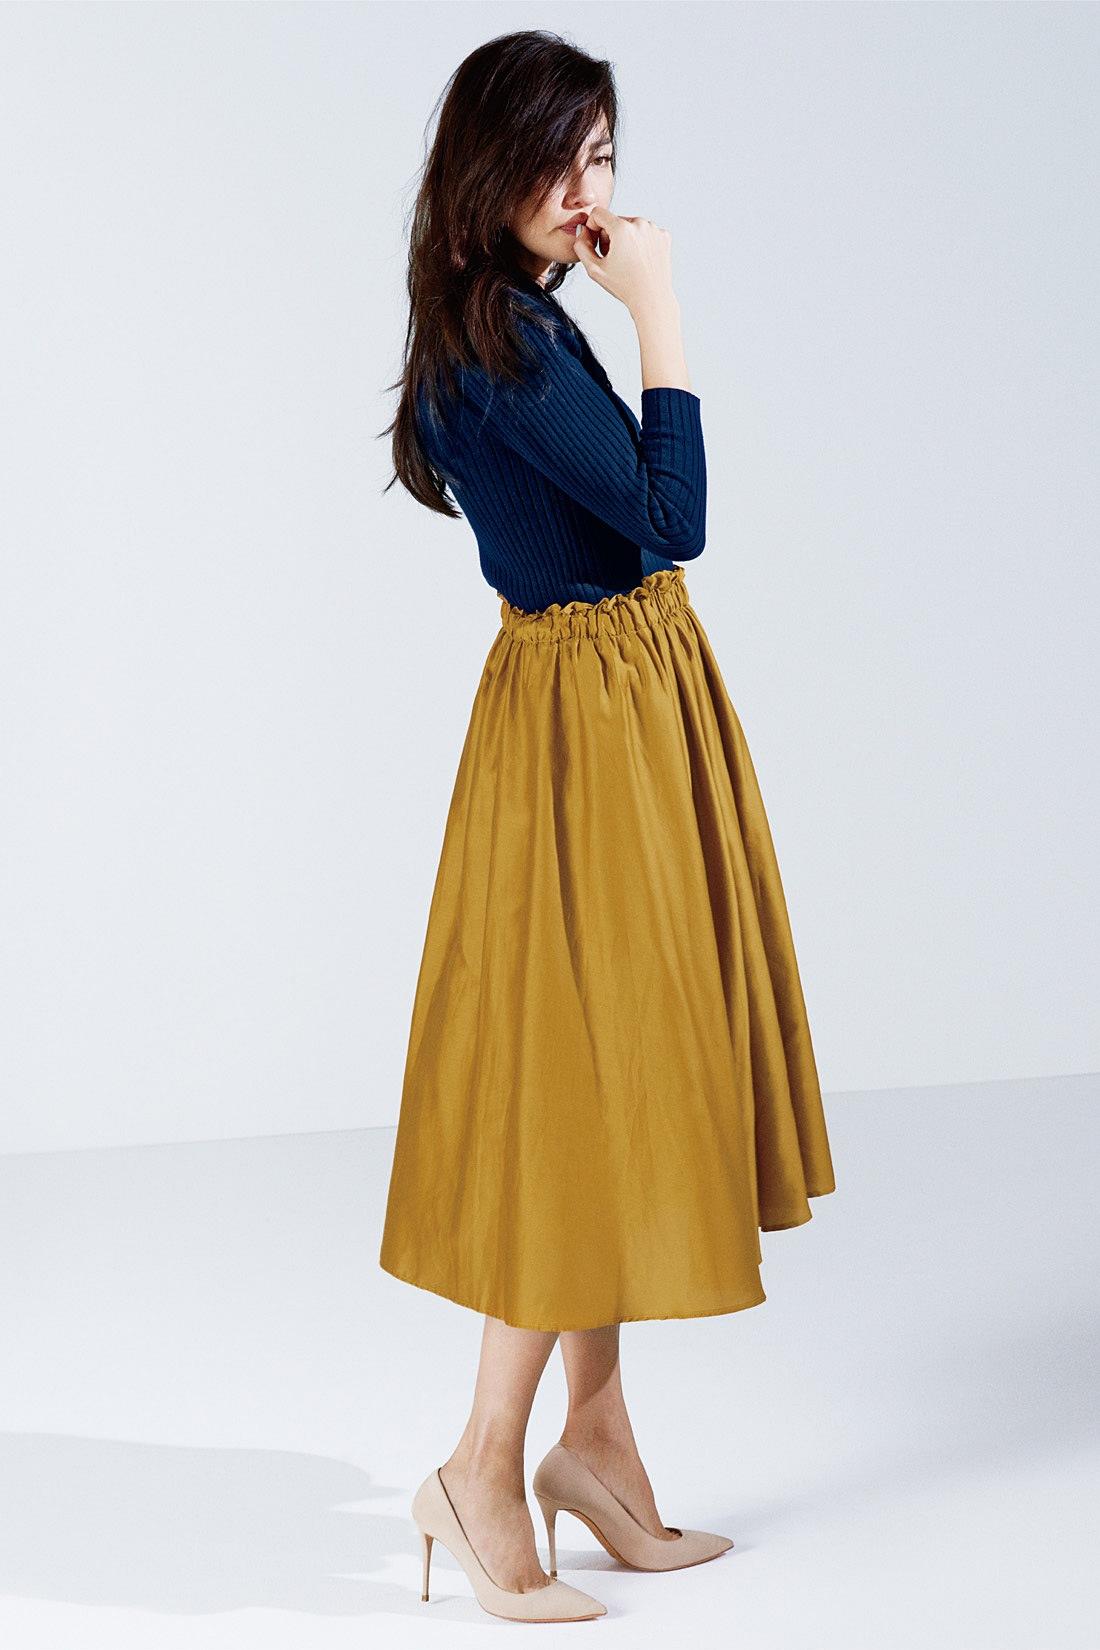 ギャザーのふくらみからすそのラインまで美しい、ただはくだけで絵になる構築的なスカート。シンプルなトップスを合わせるだけで女らしさも艶っぽさも上げてくれる。